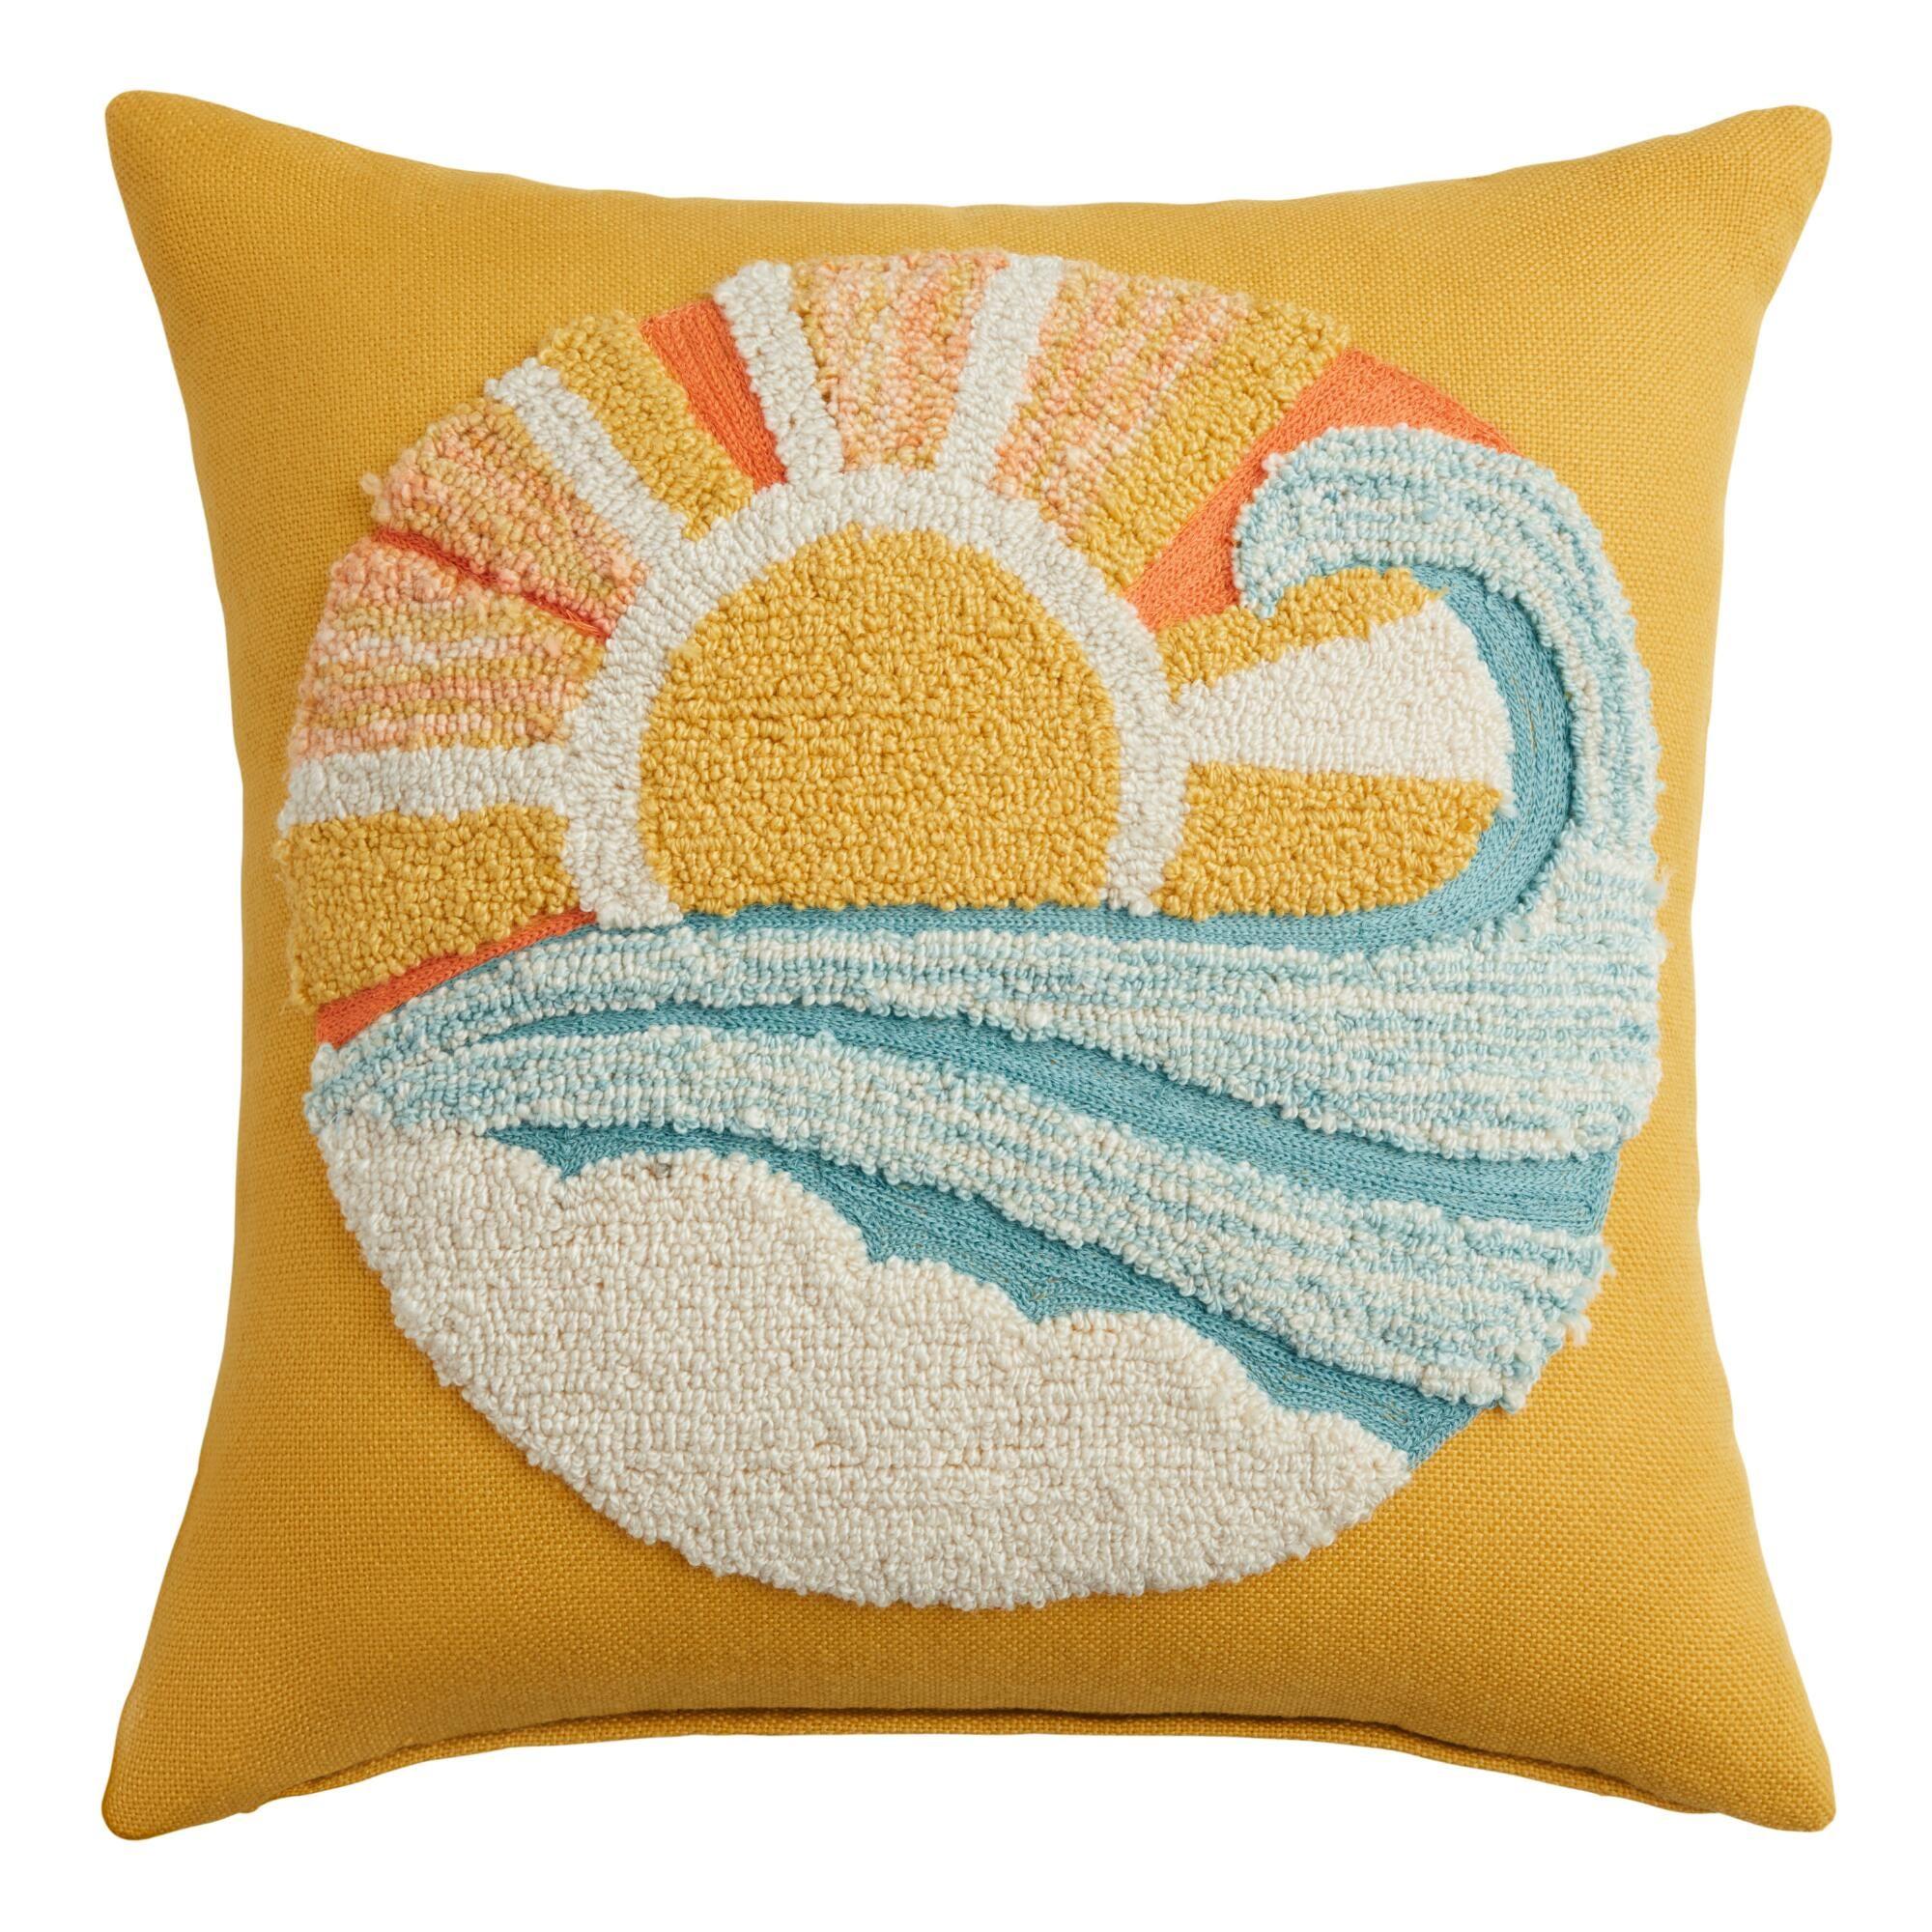 mind indoor outdoor patio throw pillow